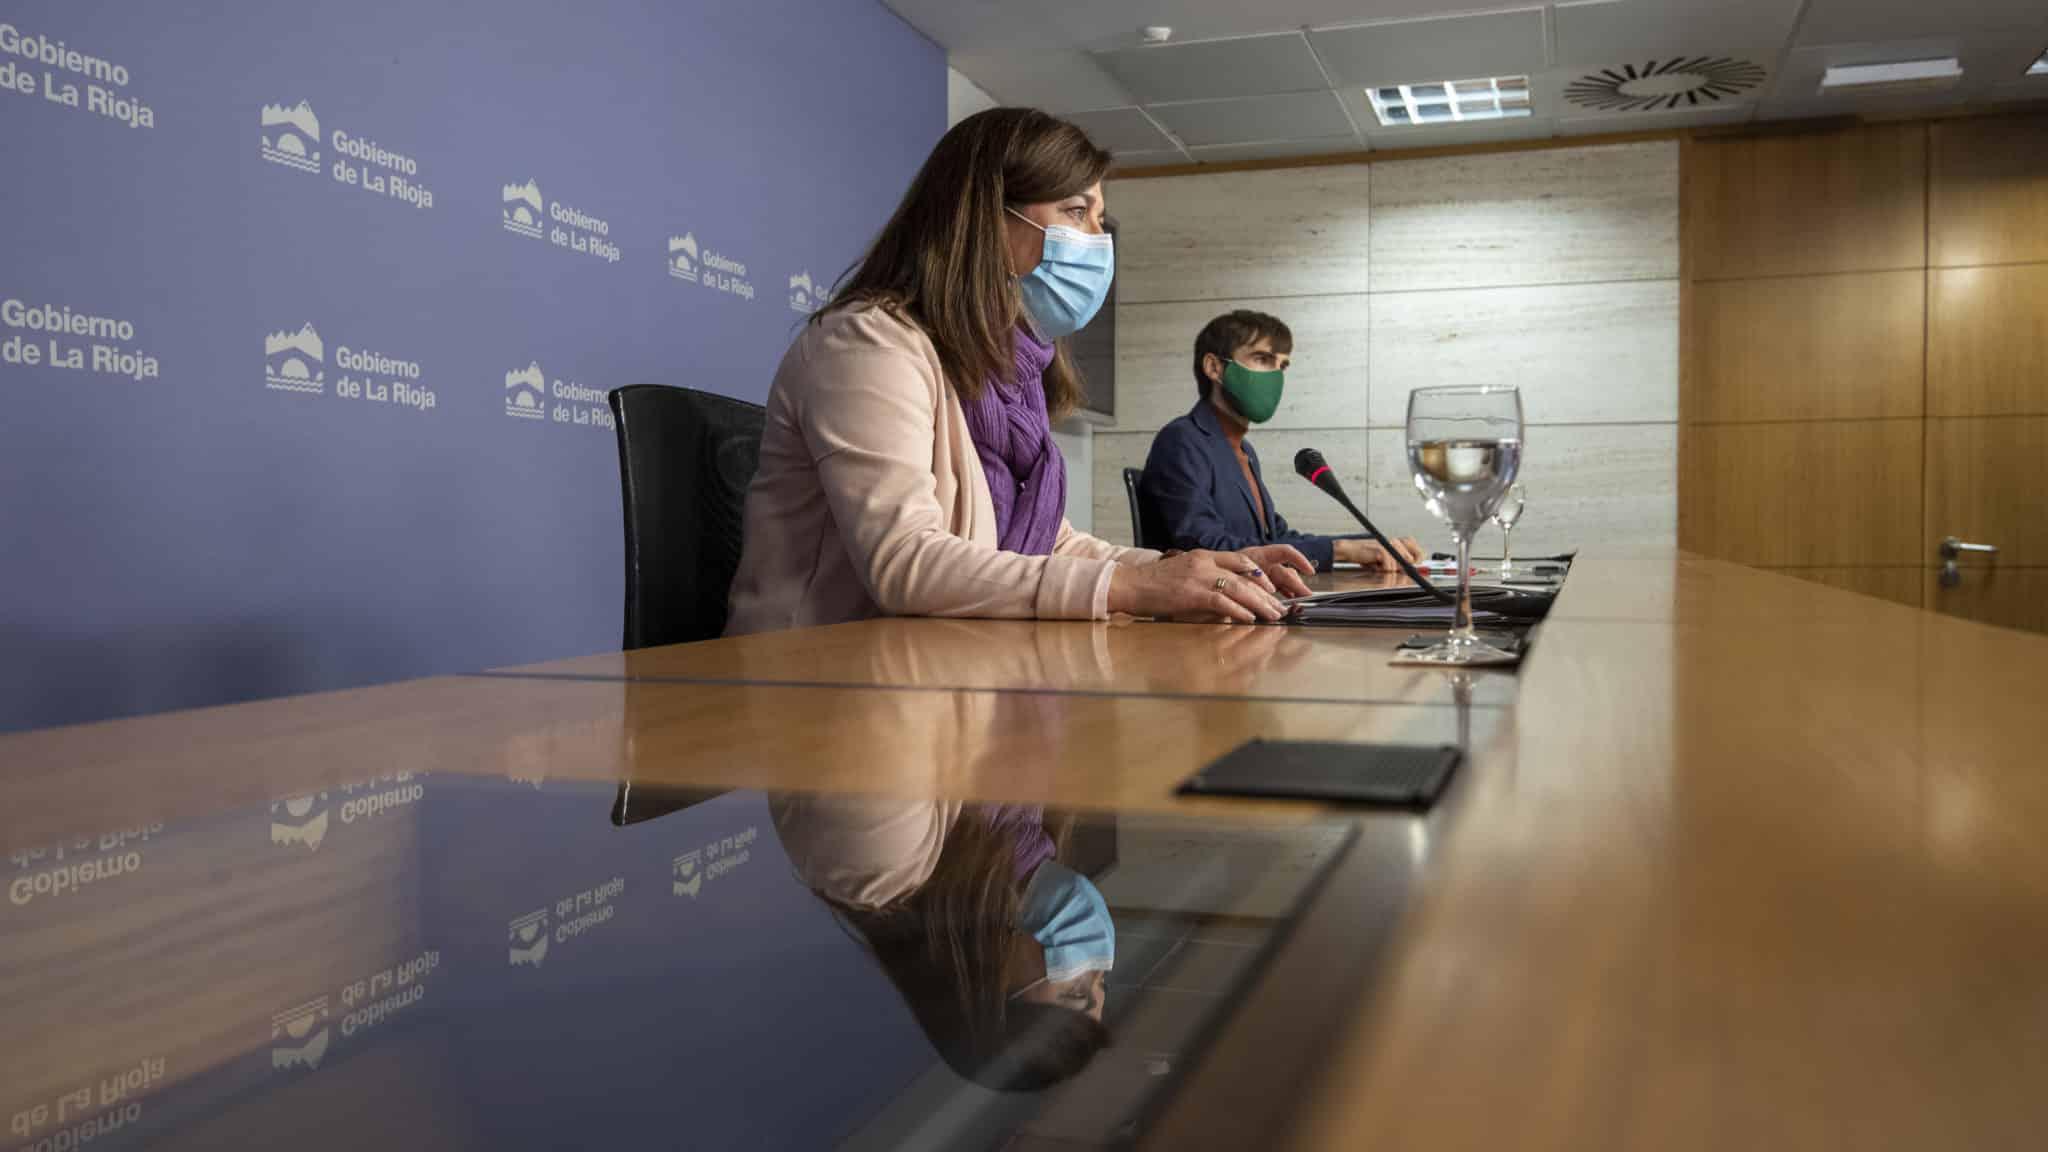 Se prorroga el confinamiento perimetral de La Rioja hasta el 19 de diciembre 1